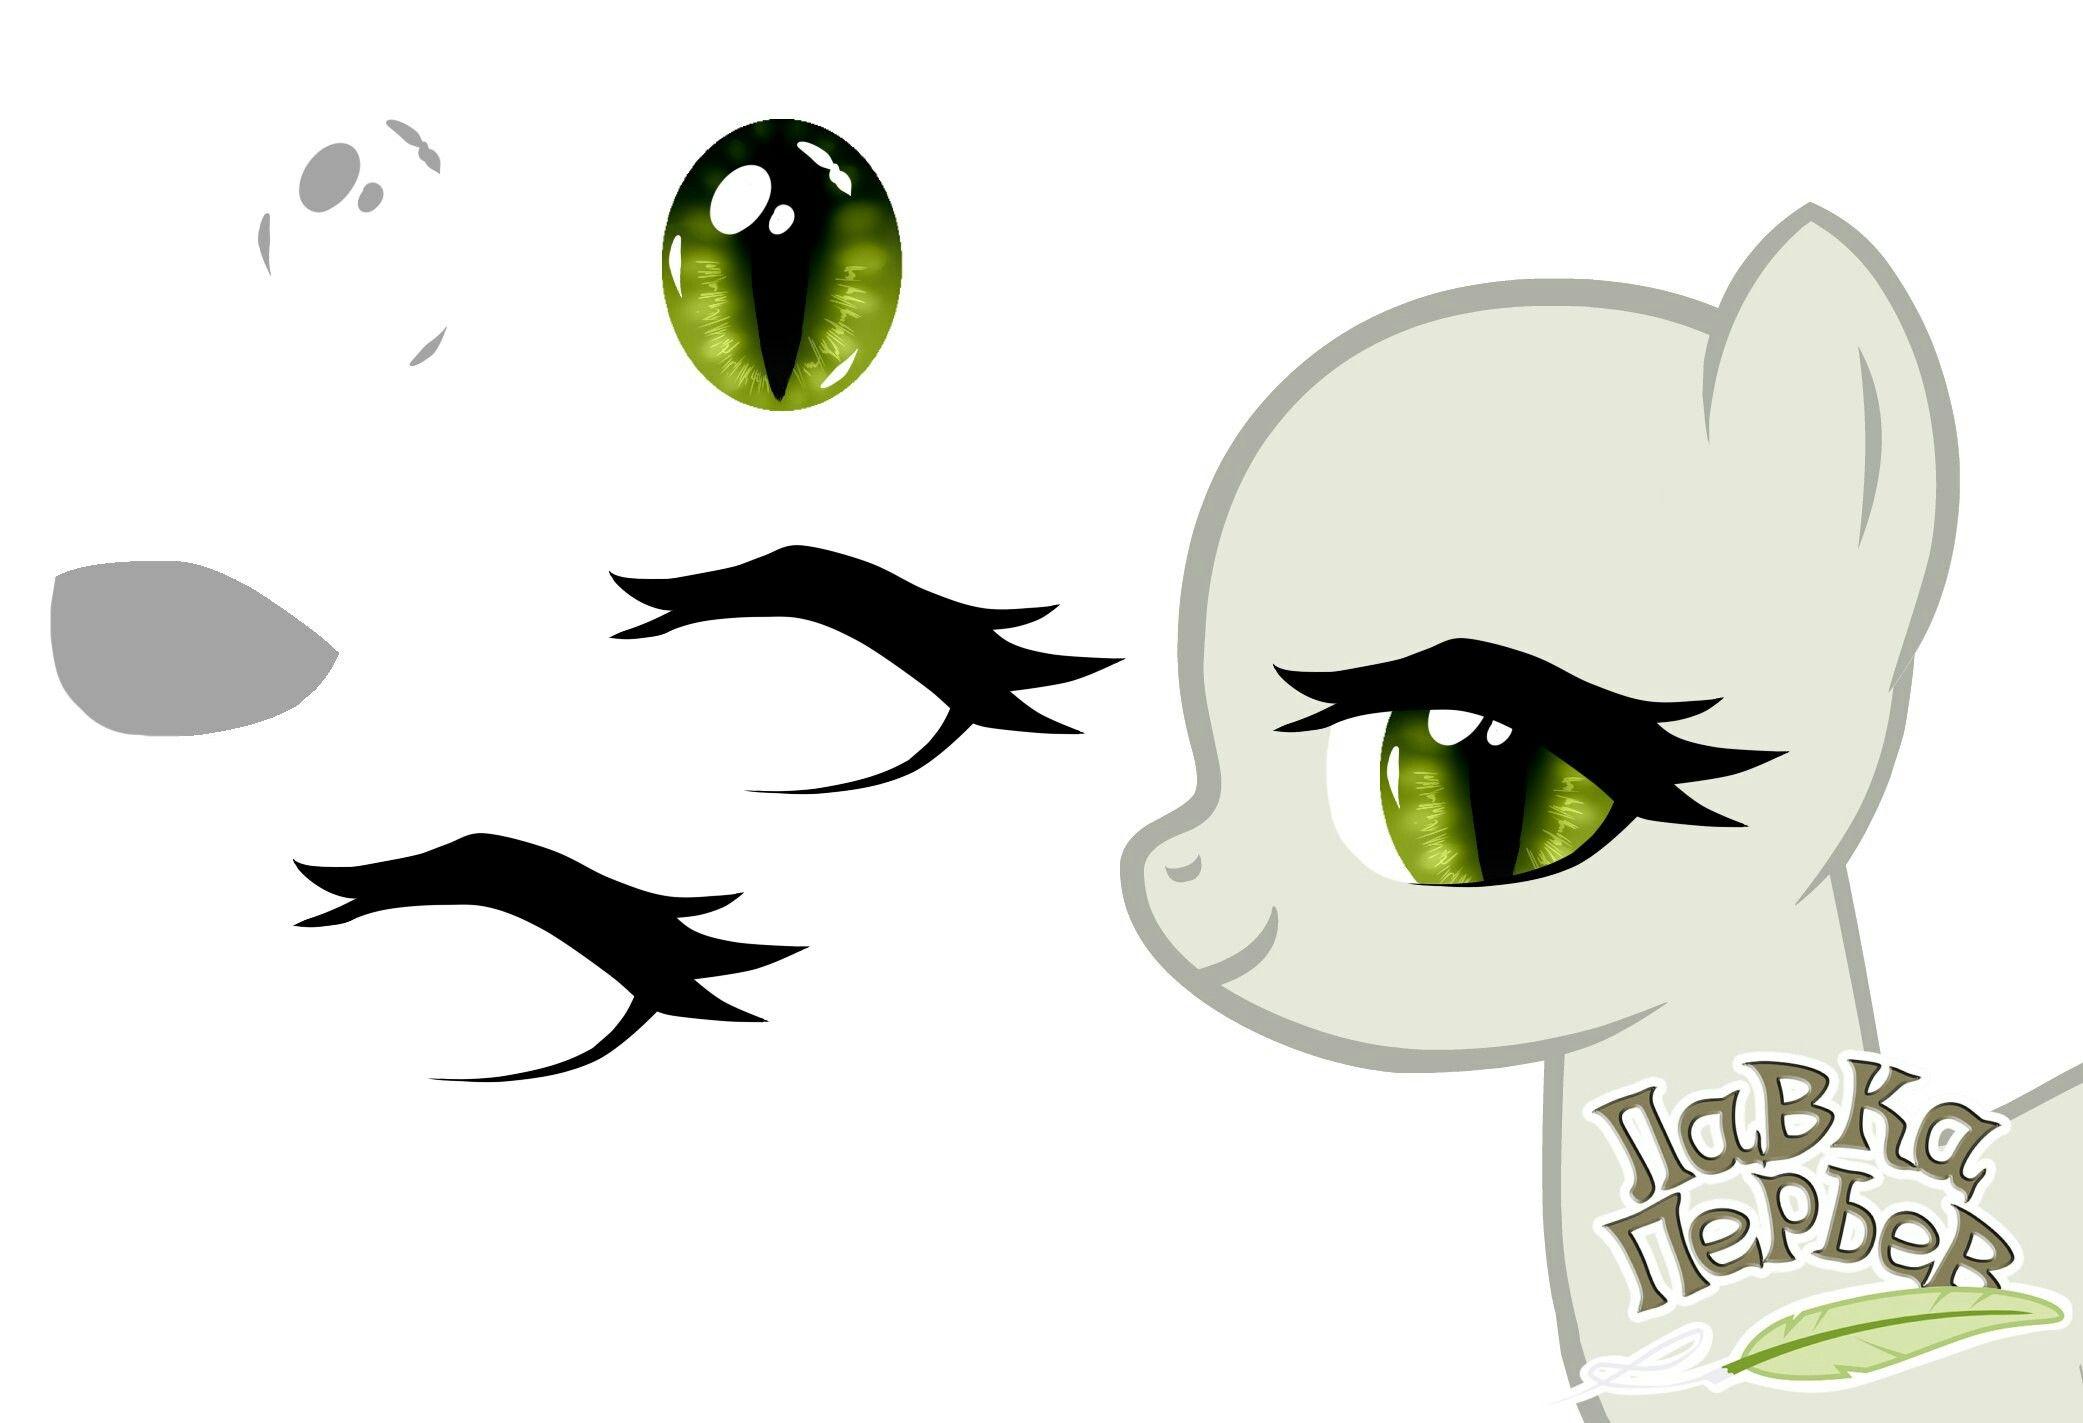 Картинки для обработки пони глаза и аксессуары